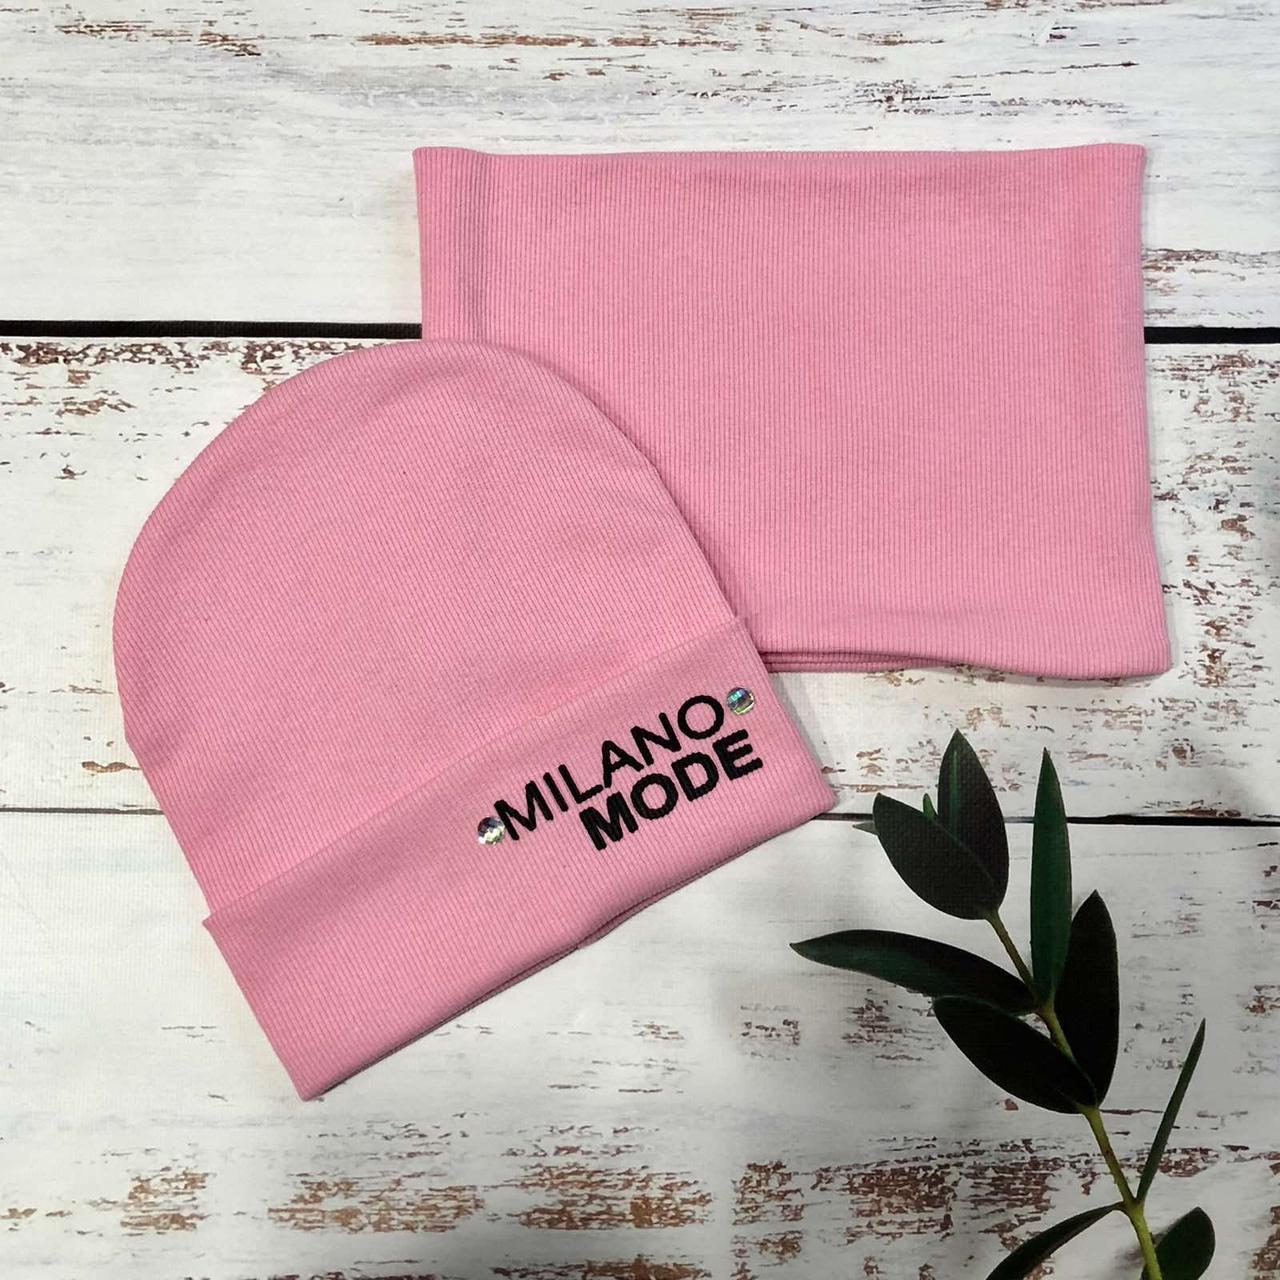 Трикотажная шапка с хомутом для девочки Millano Mode (розовый) 52-54 р